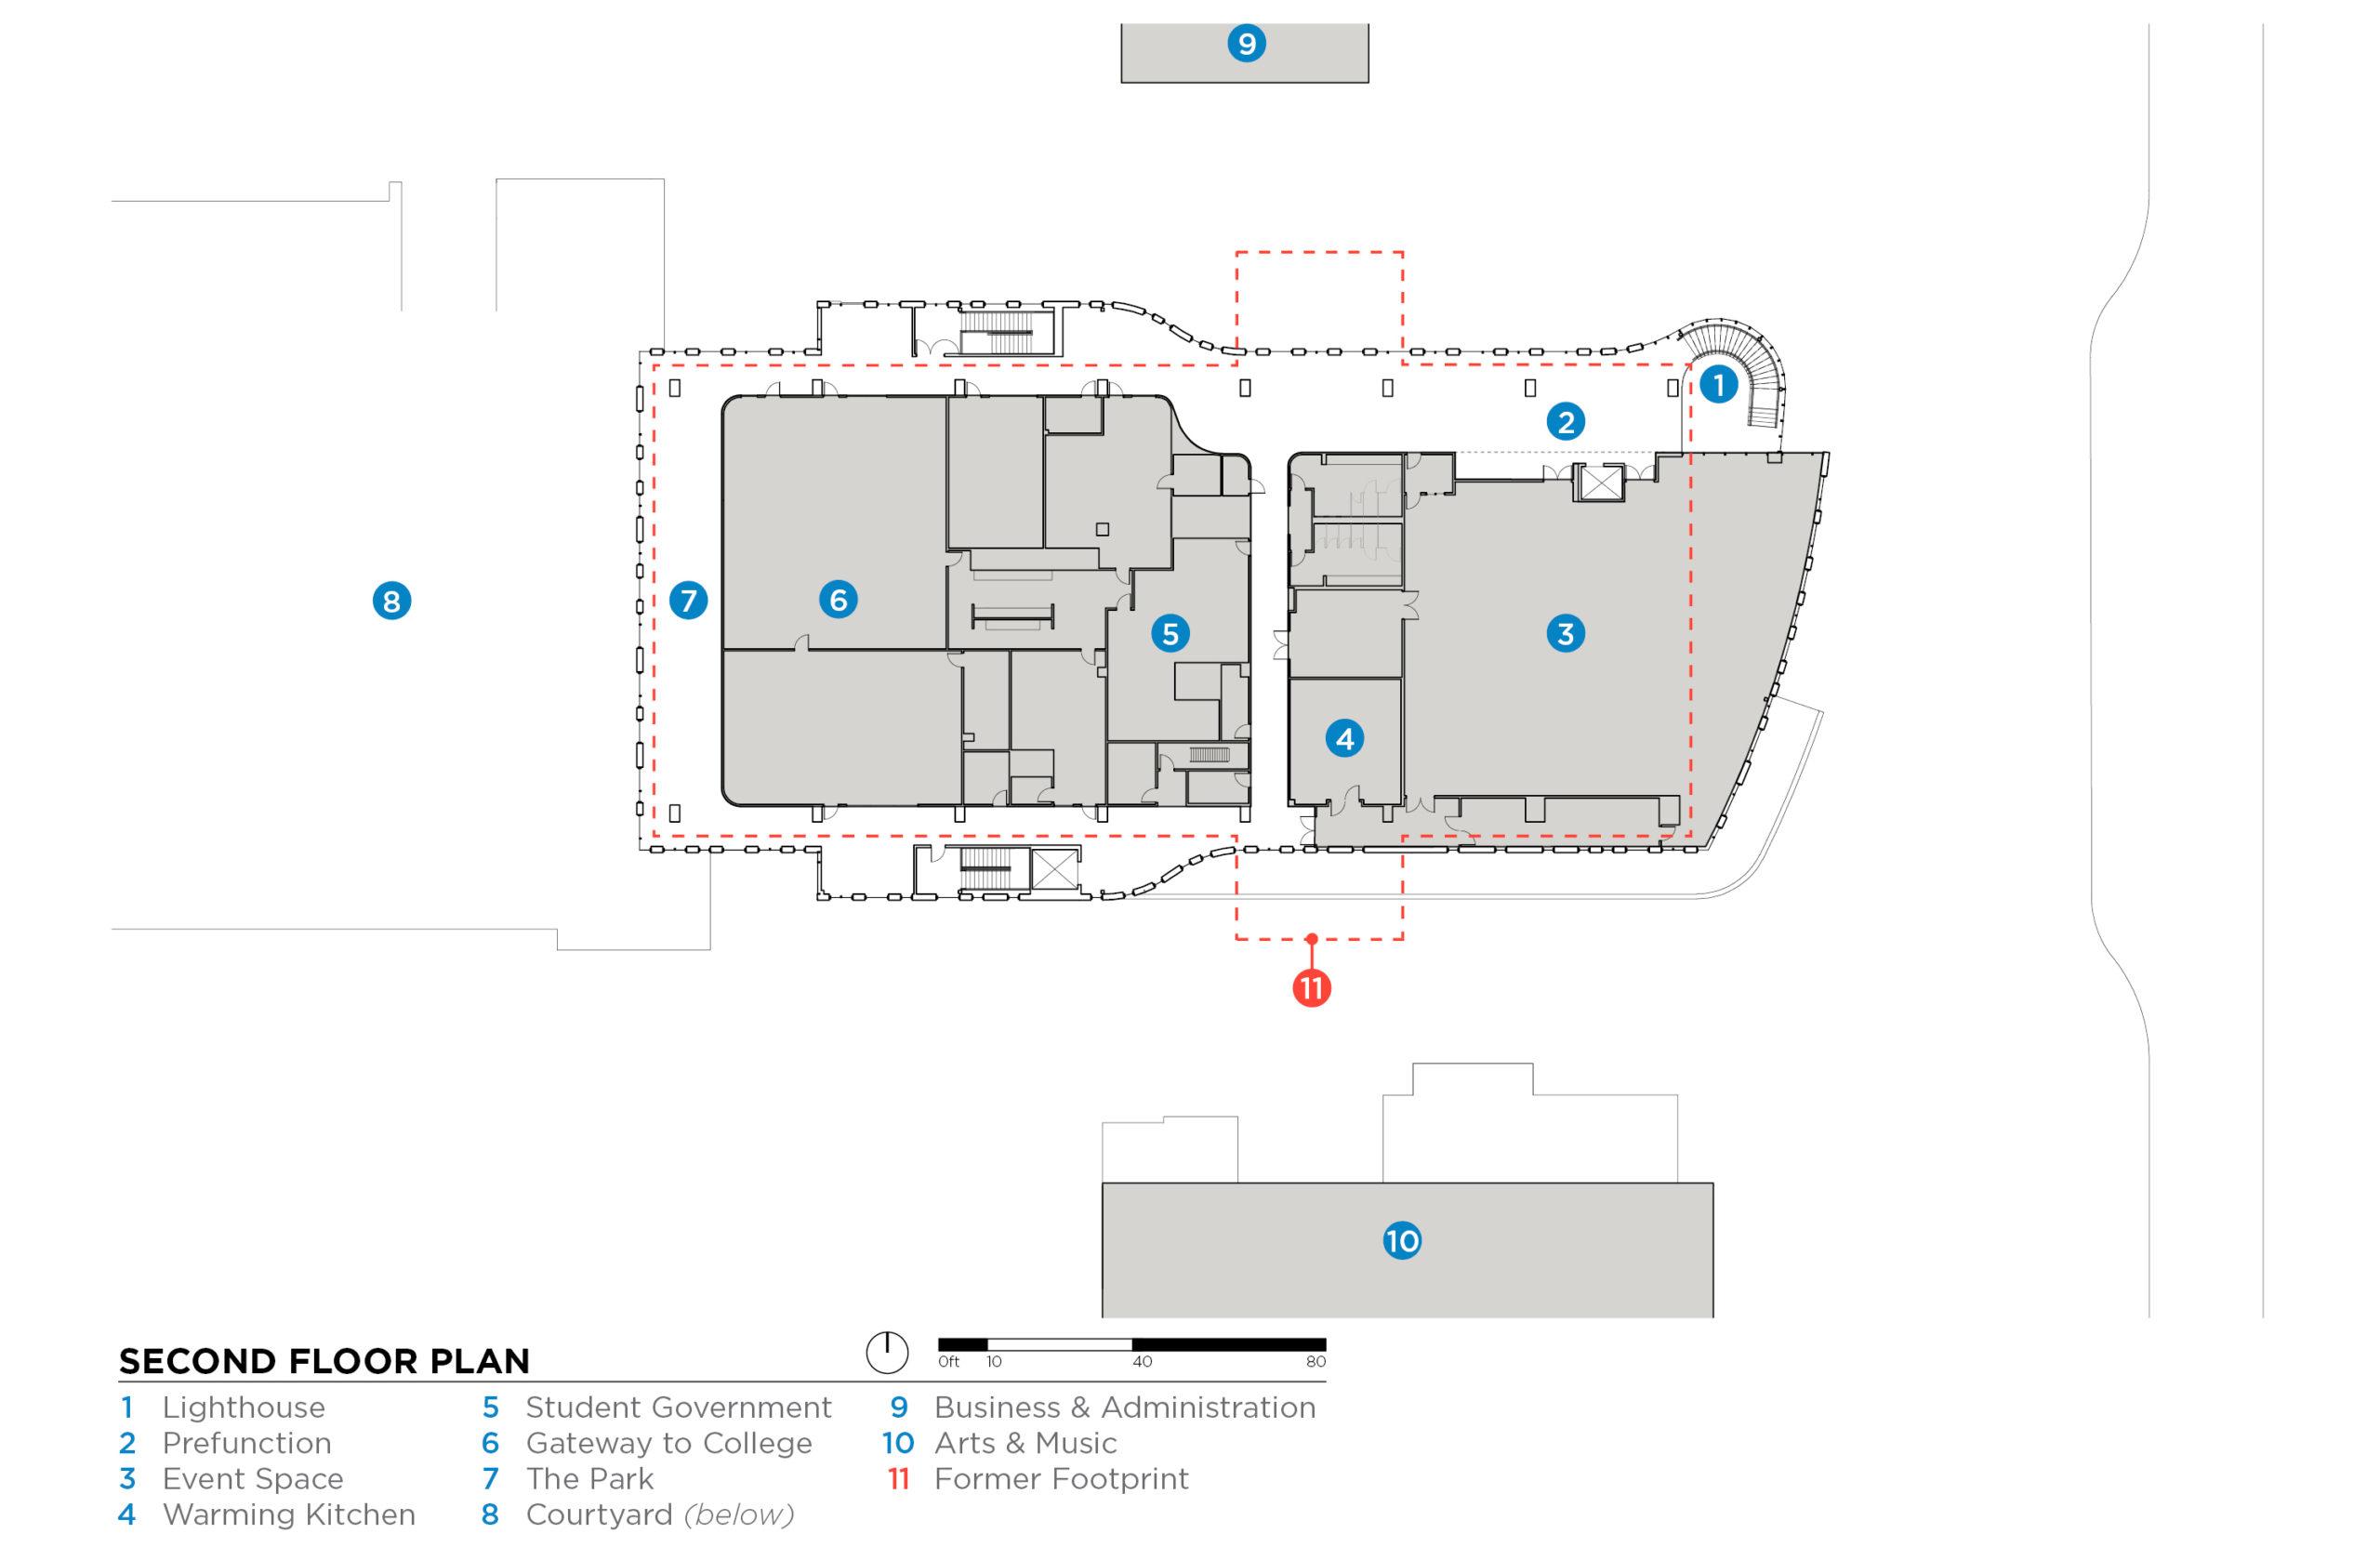 16_Second Floor